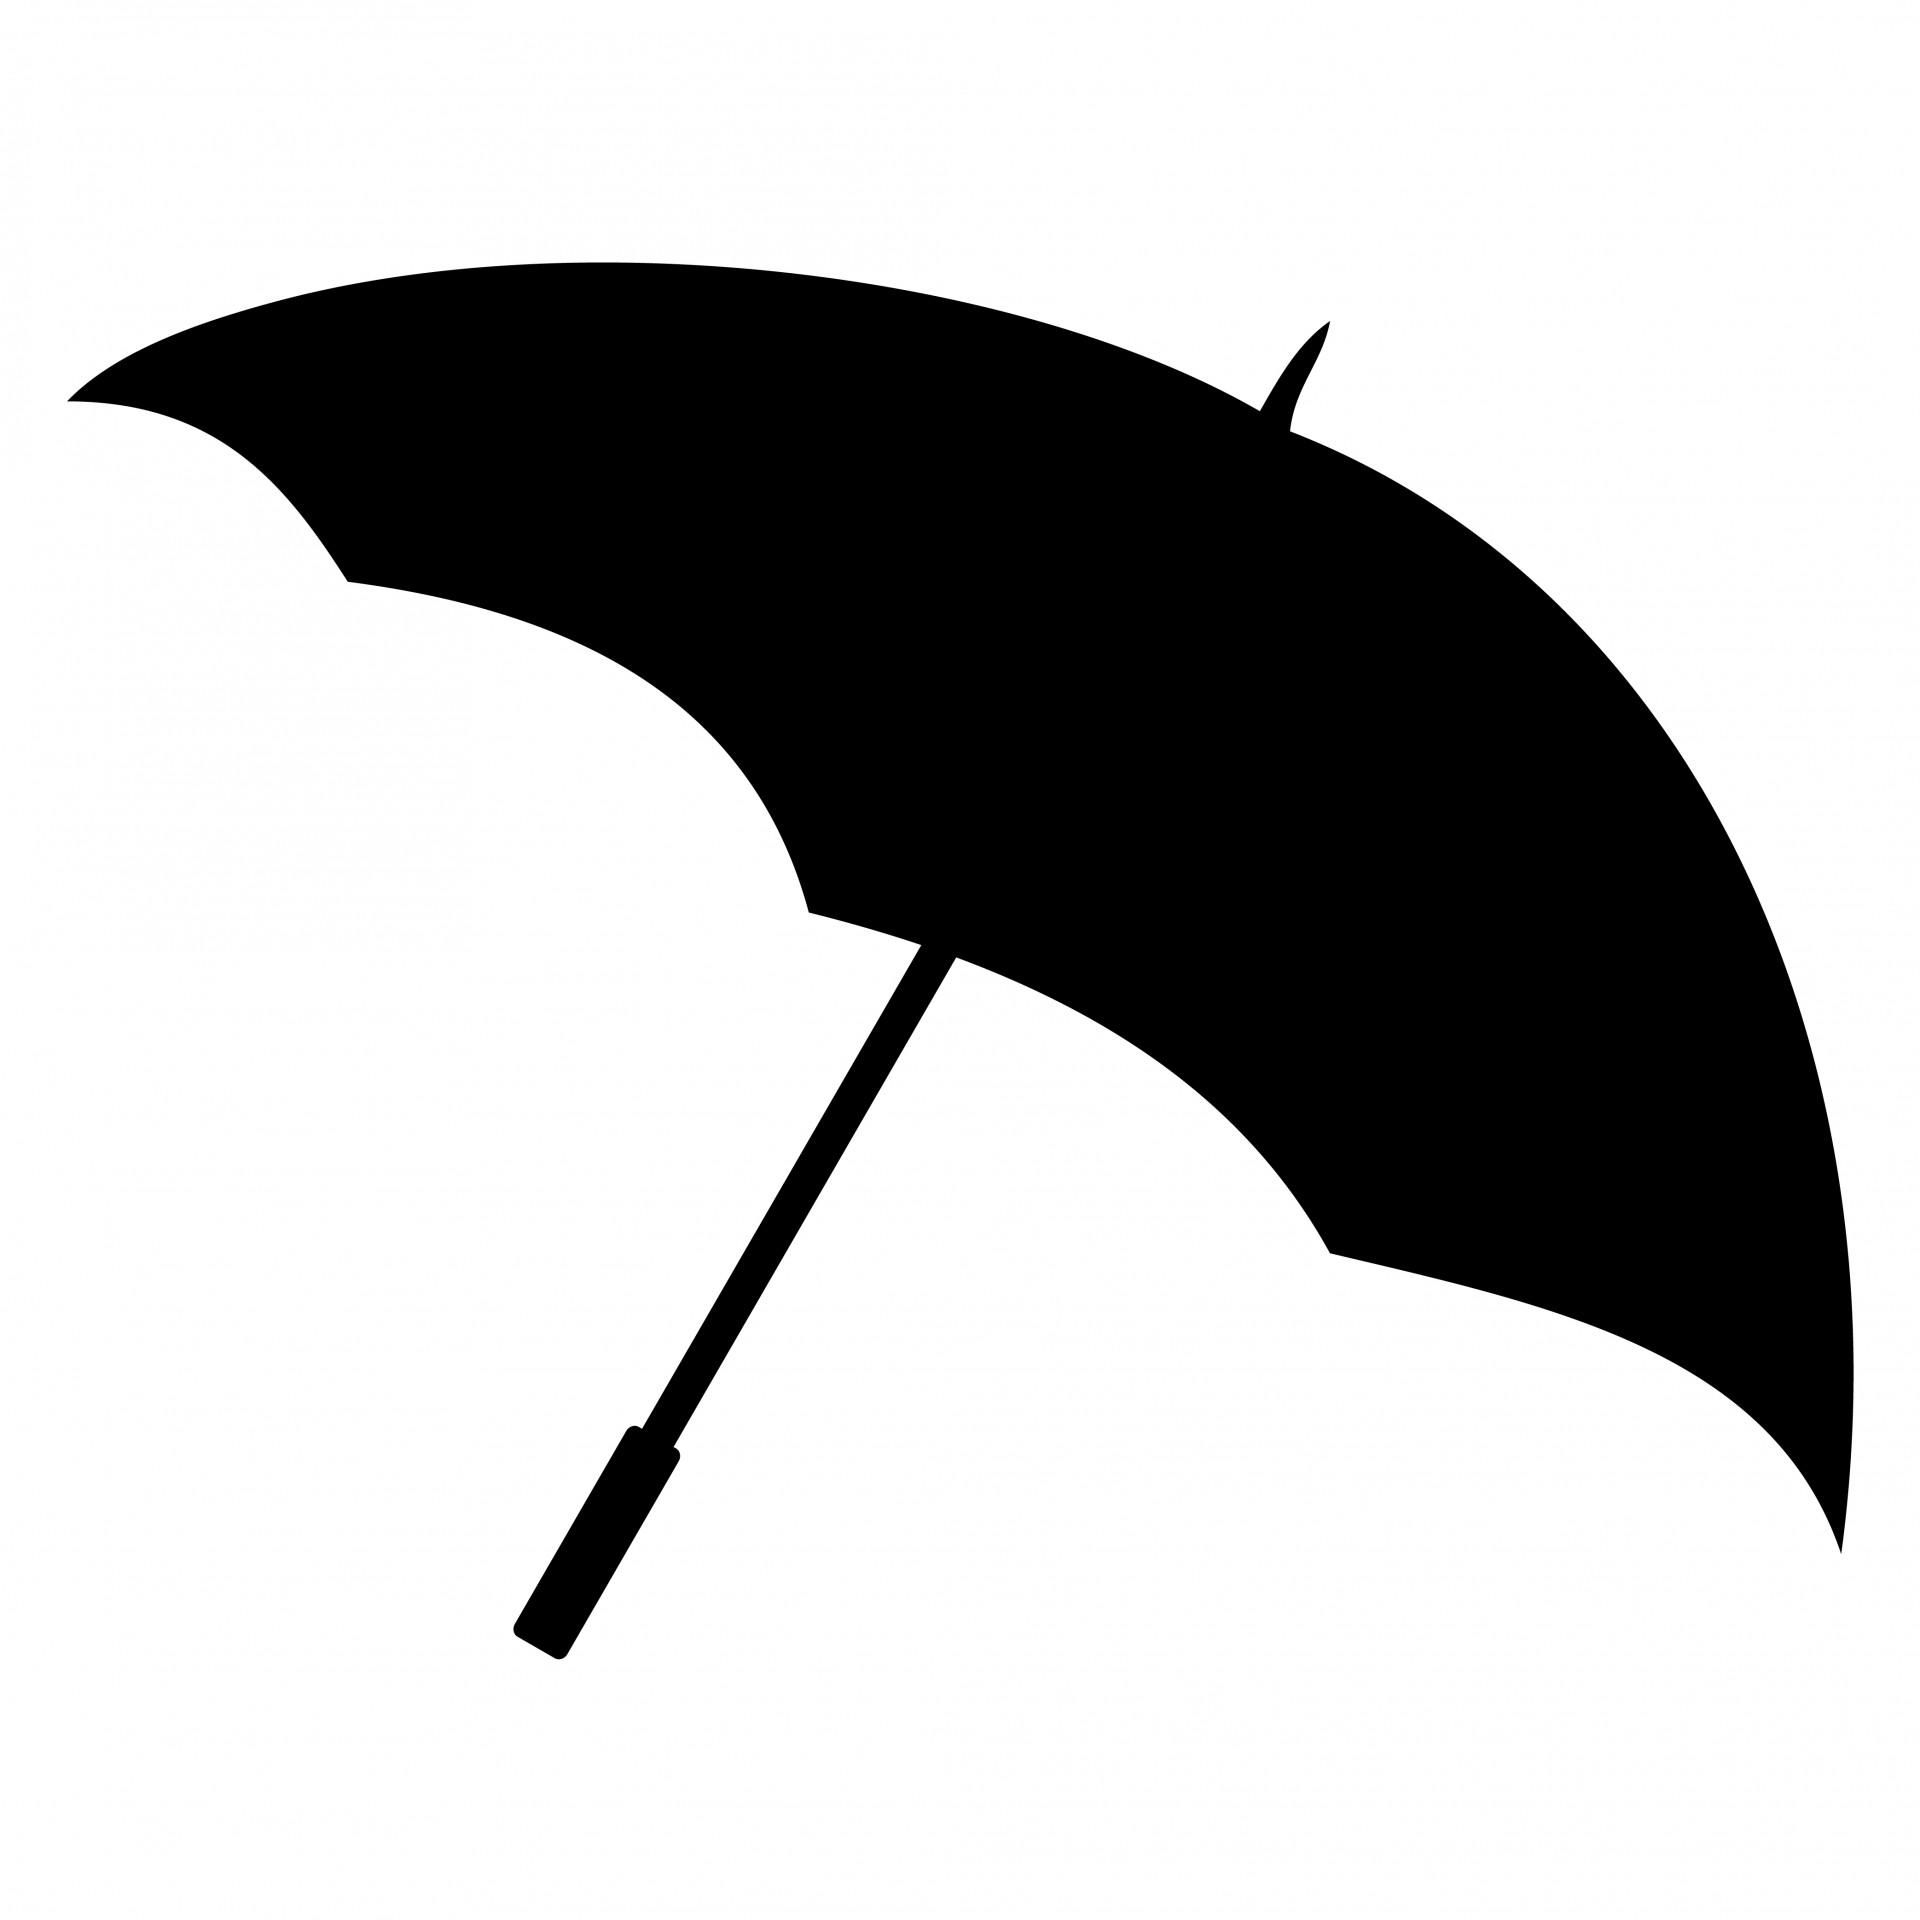 1920x1920 Umbrella Clip Art